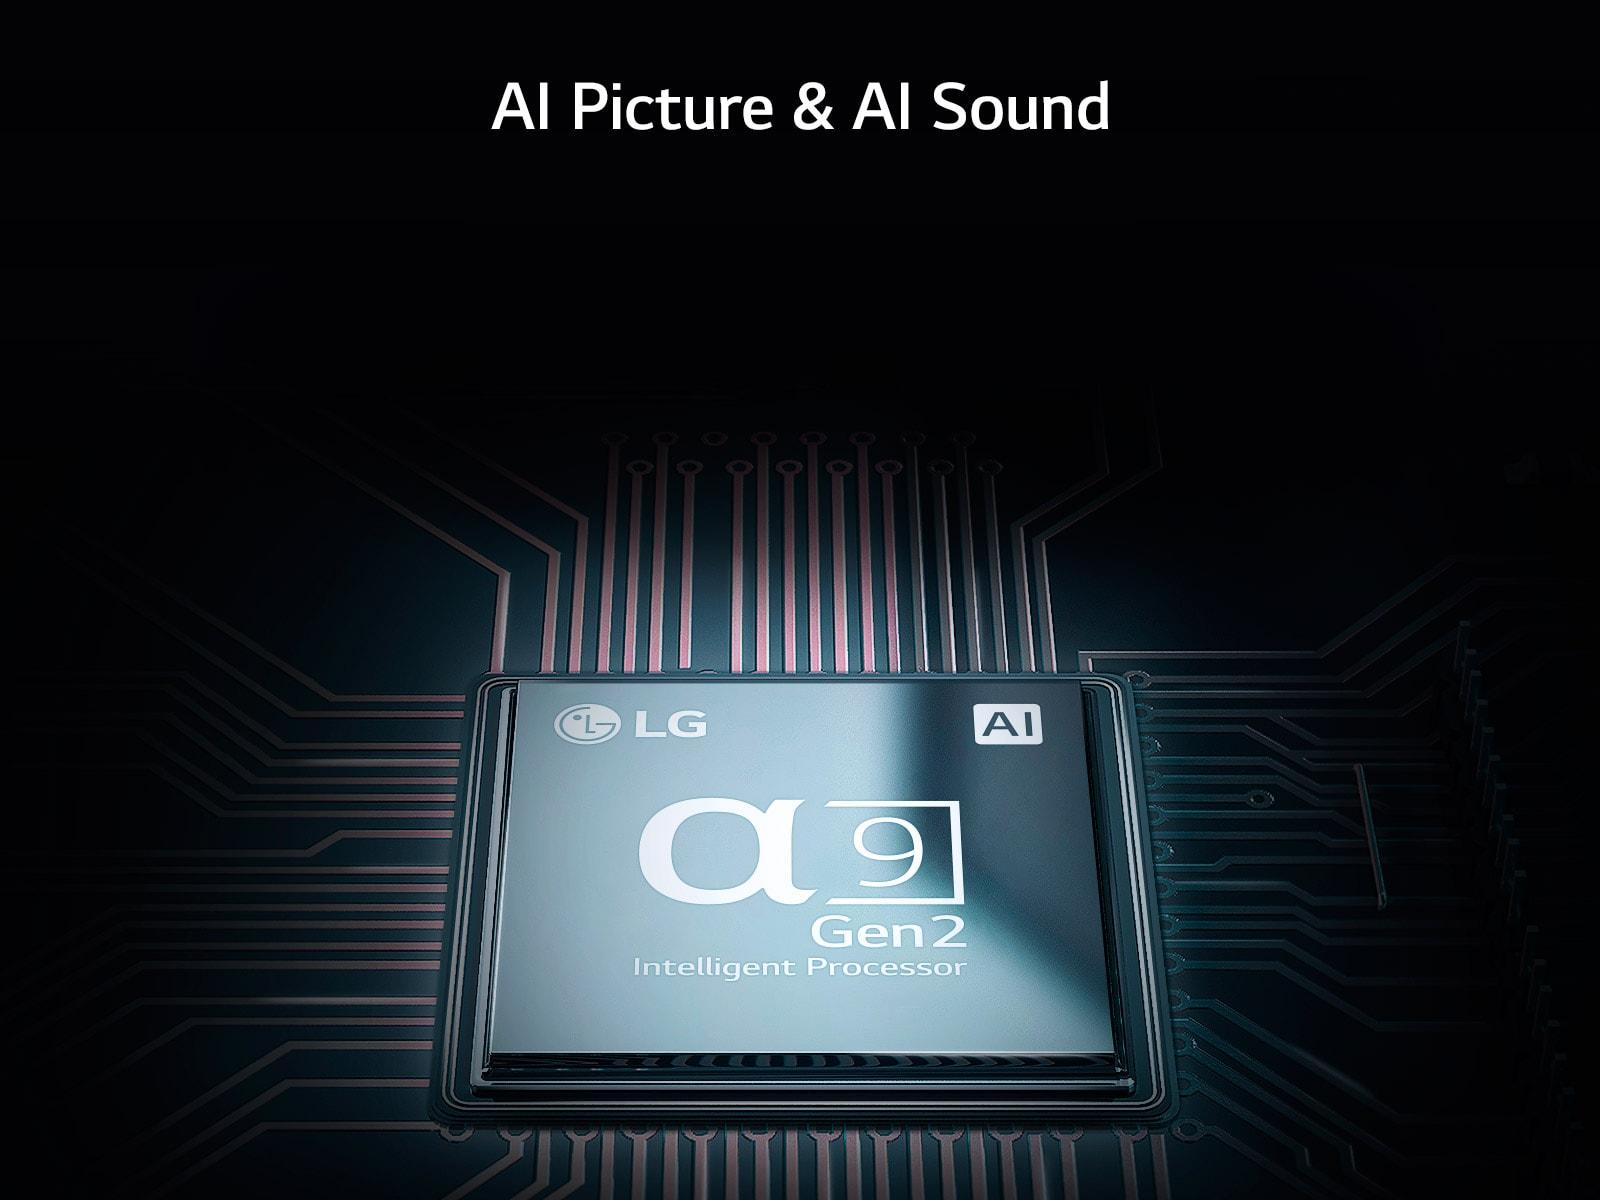 TV-SIGNATURE-OLED-W9-02-Alpha9-Gen-2-Desktop_V2